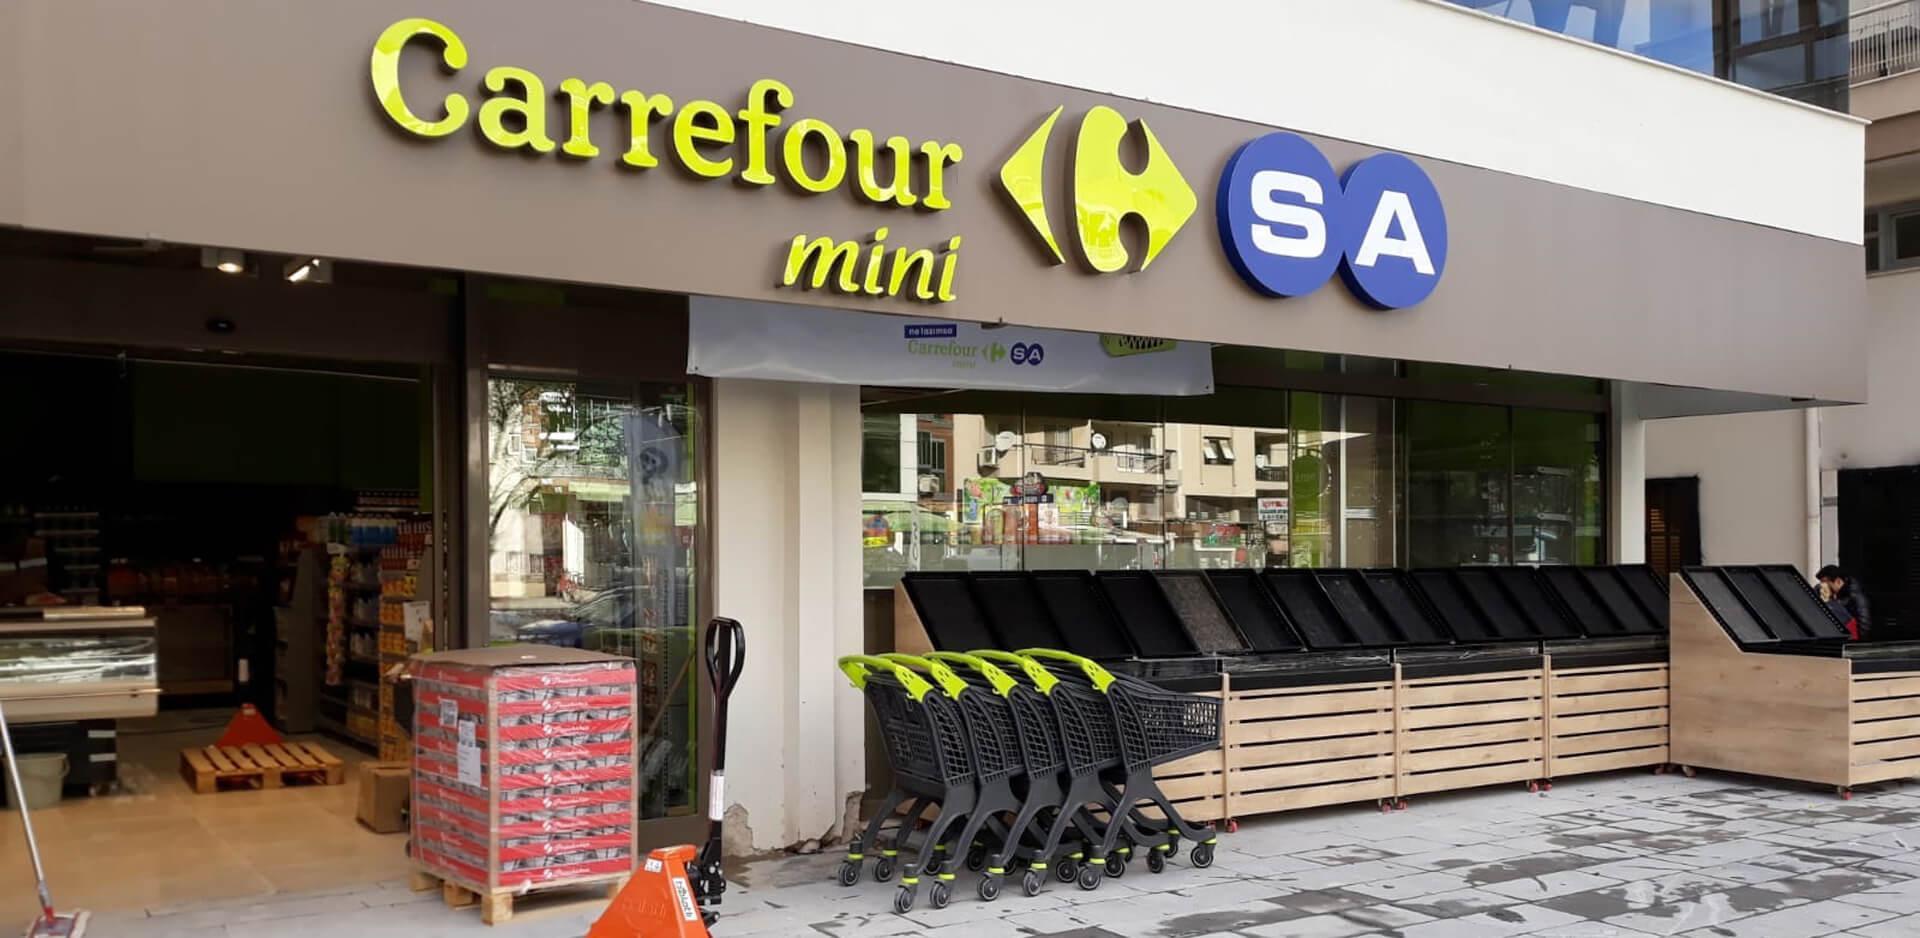 CarrefourSA 2019'da 6,4 milyar TL ciro ile yüzde 23 büyüdü